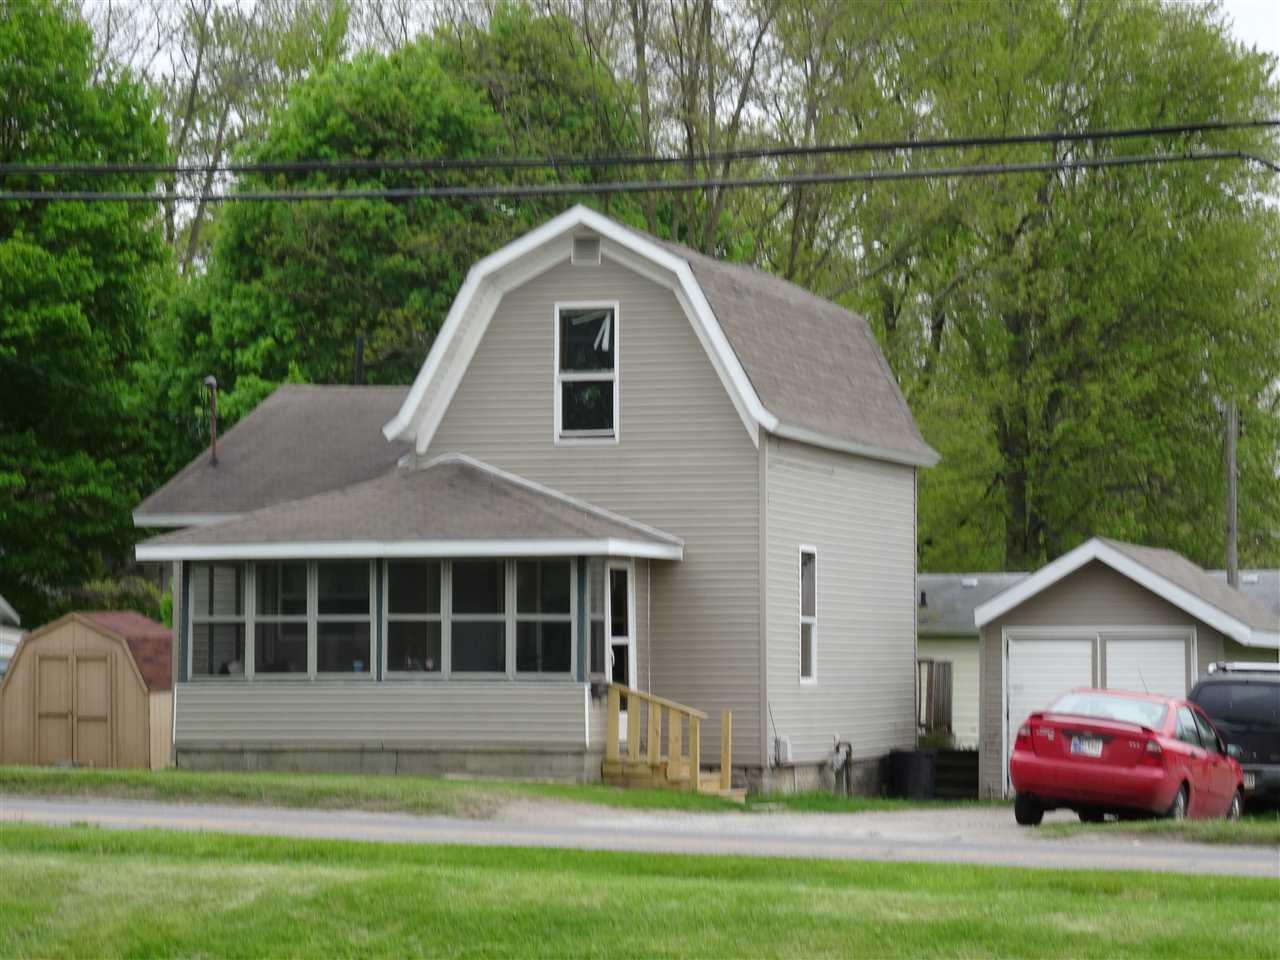 415 W Central, Lagrange, IN 46761